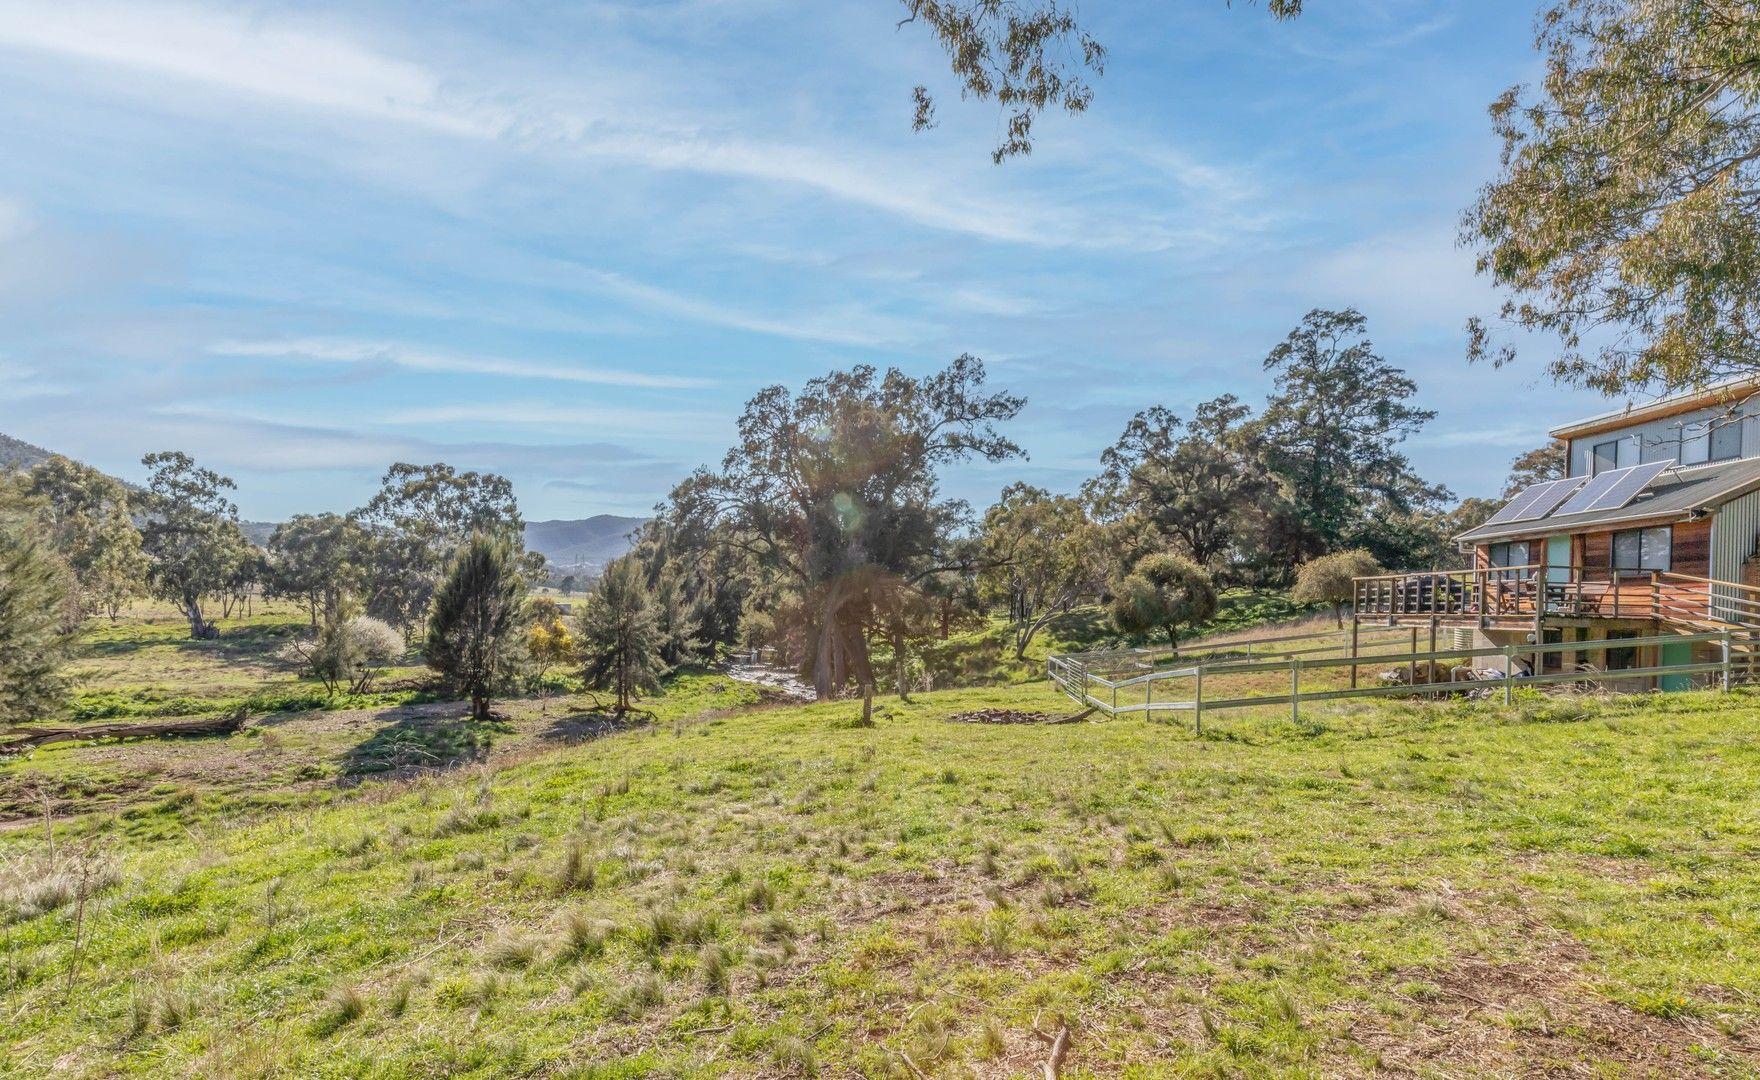 171 Saint Anthony's Creek Road, Glanmire NSW 2795, Image 0